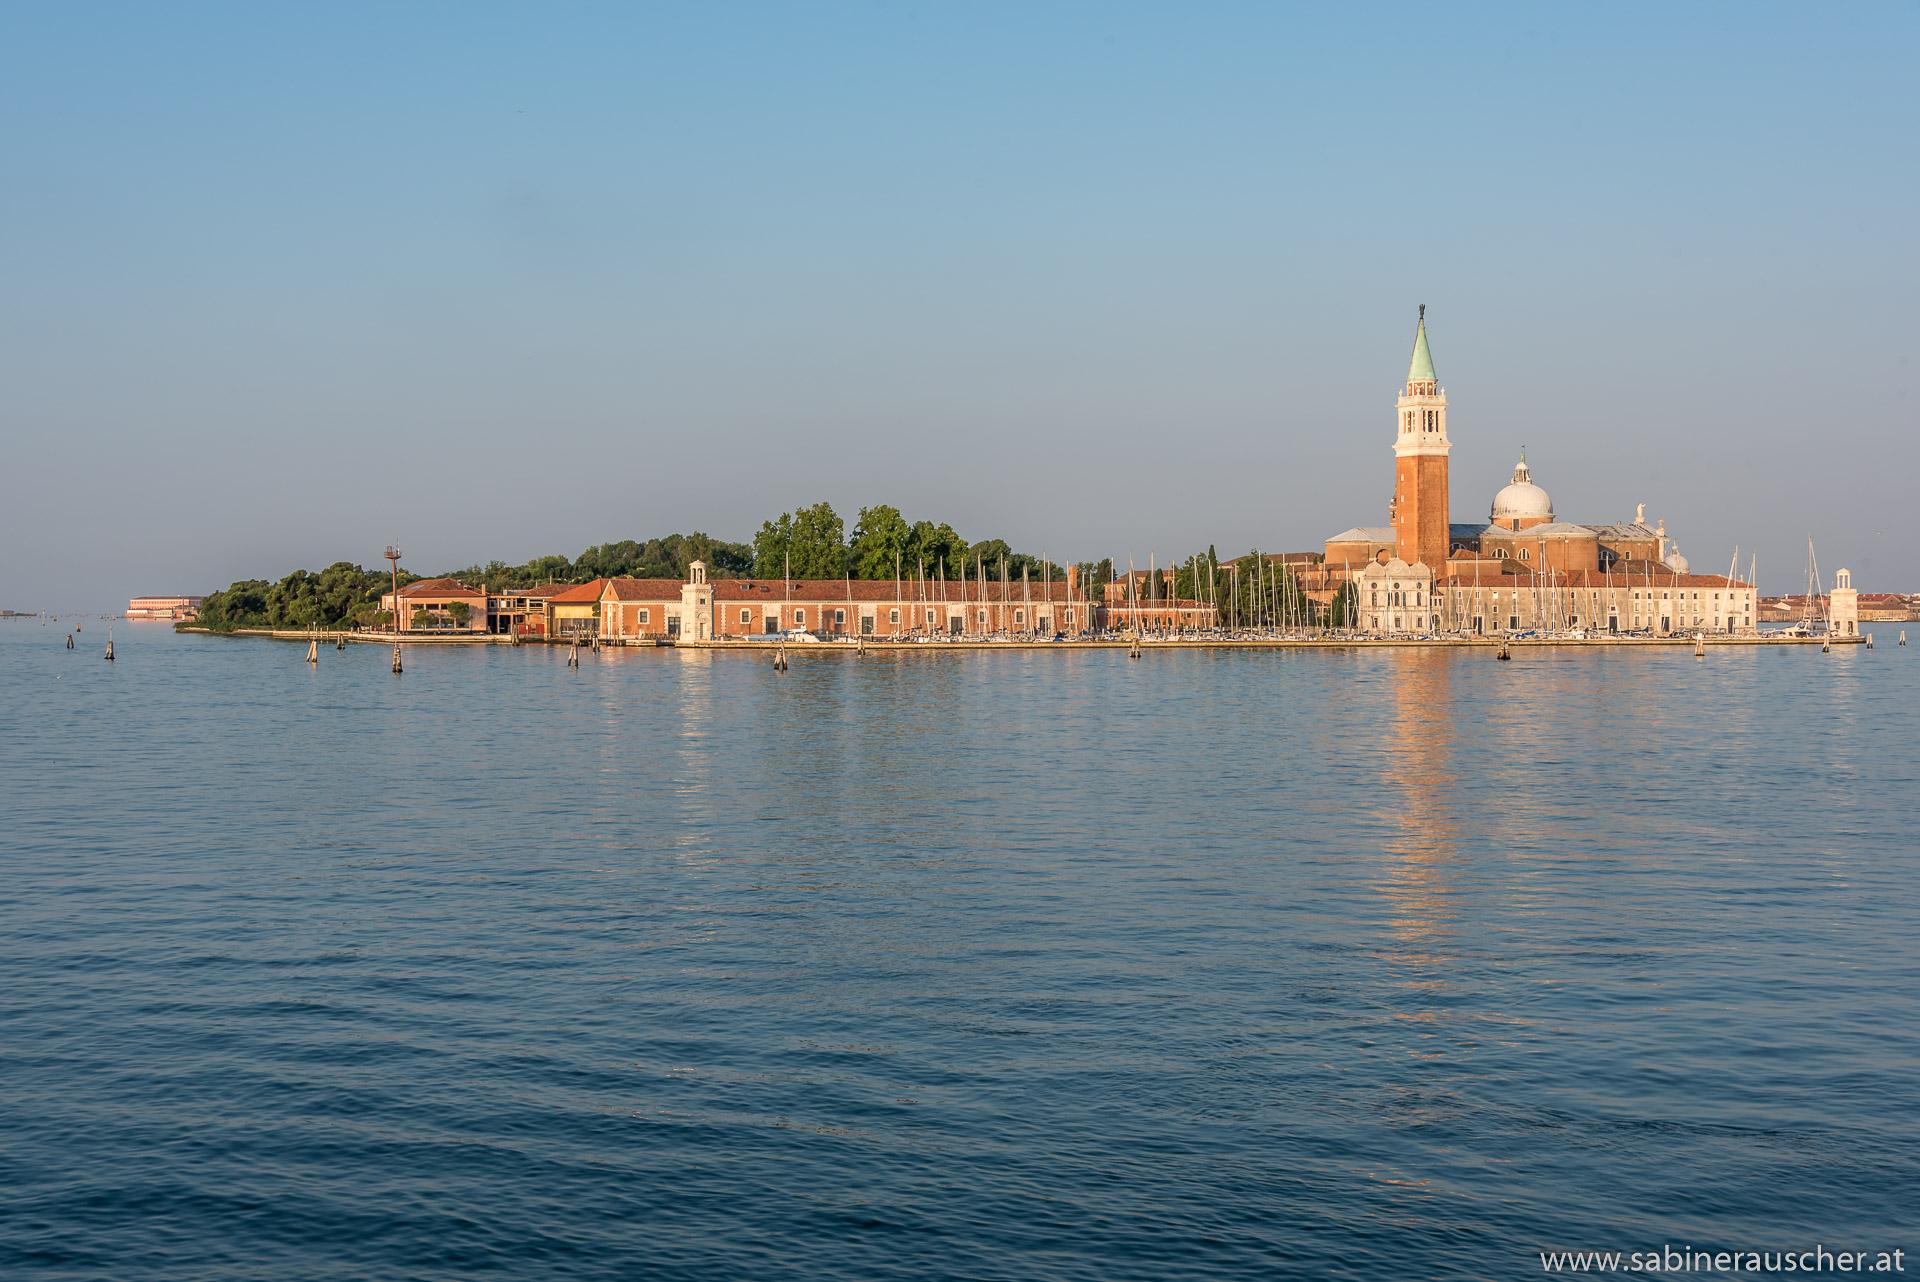 Venice - San Giorgio Maggiore in the morning light |  Venedig - die Morgensonne küsst die Insel von San Giorgio Maggiore